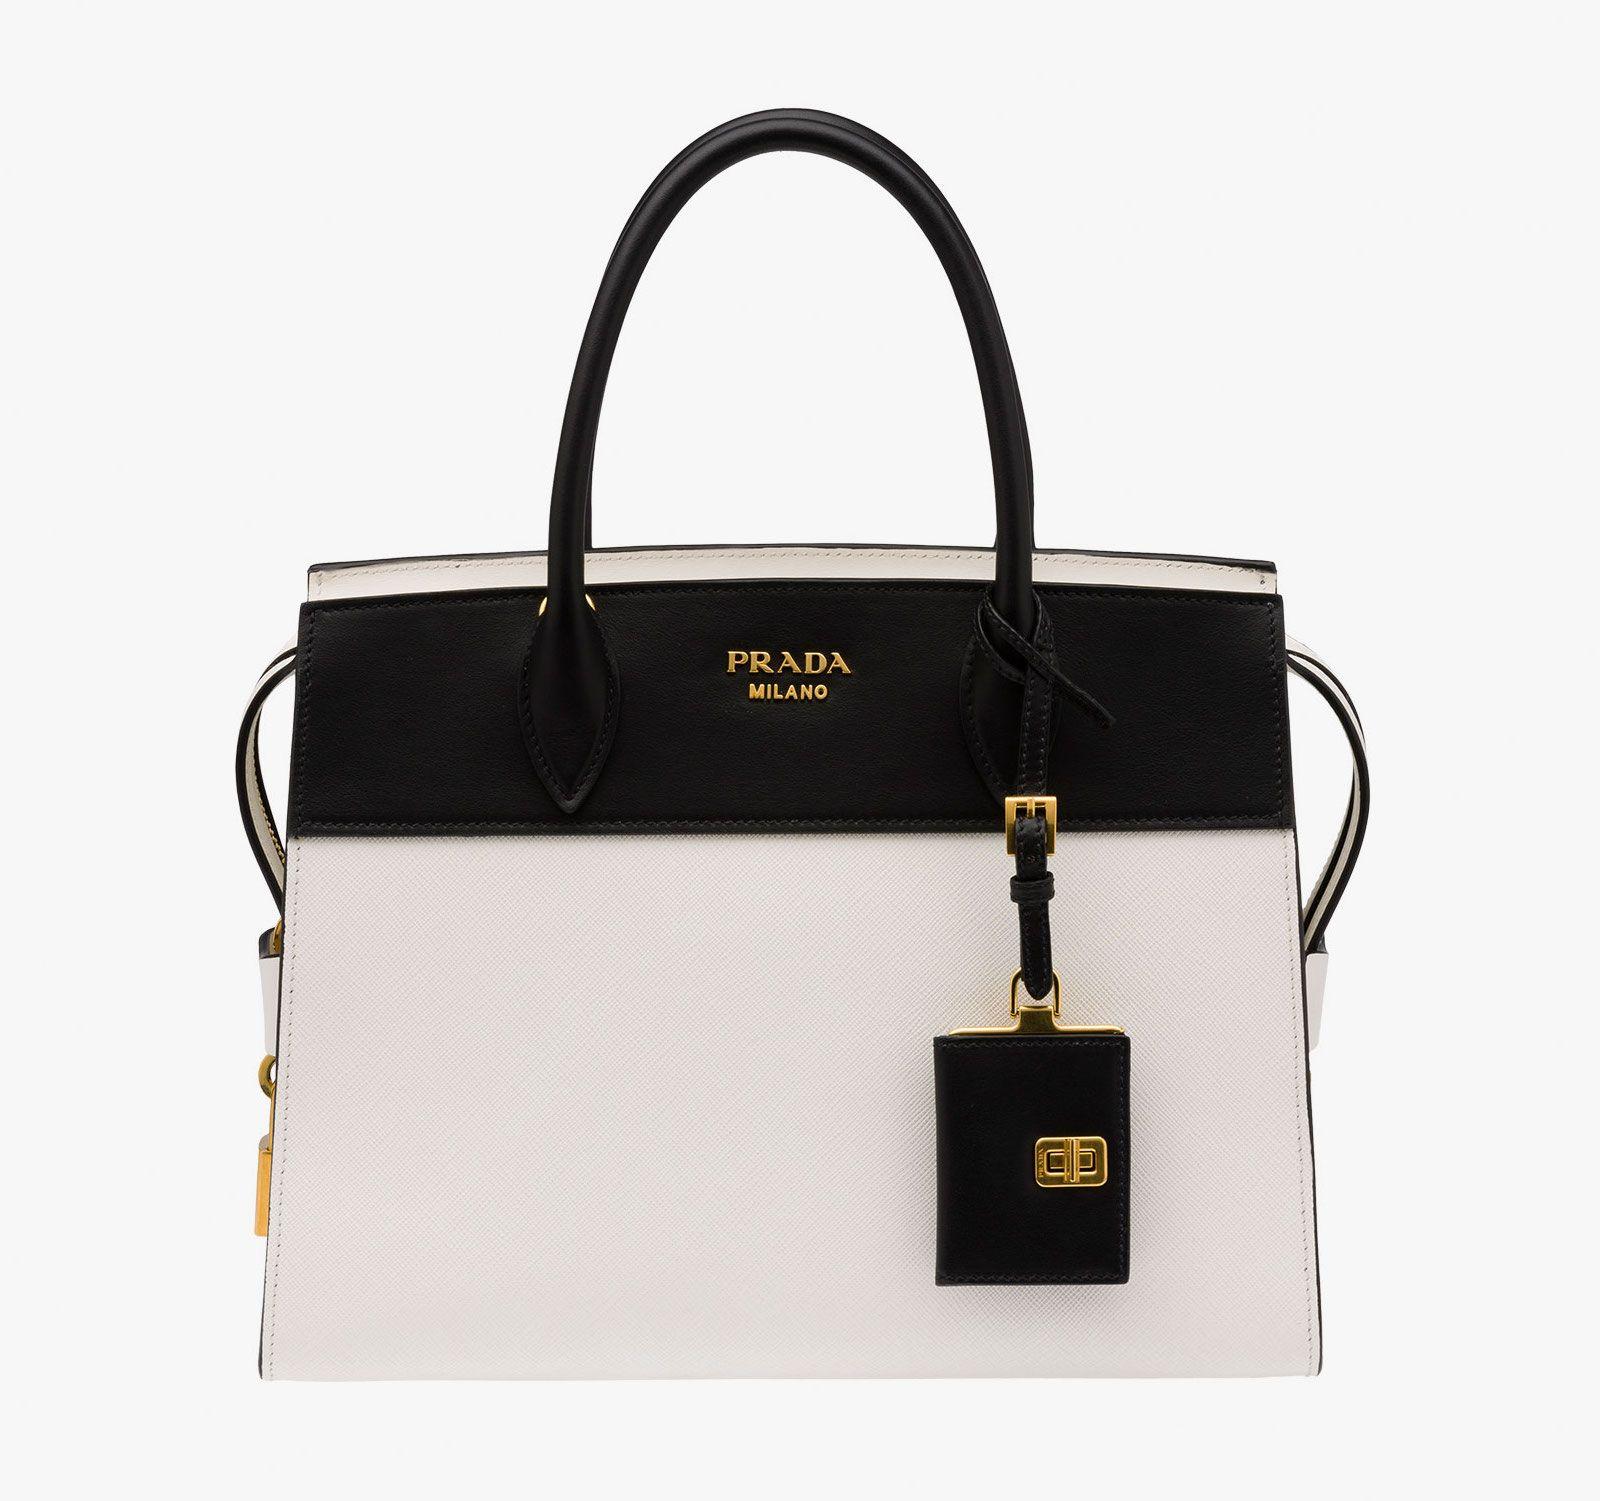 Image Result For Prada Handbags 2017 Hand Bags Bag